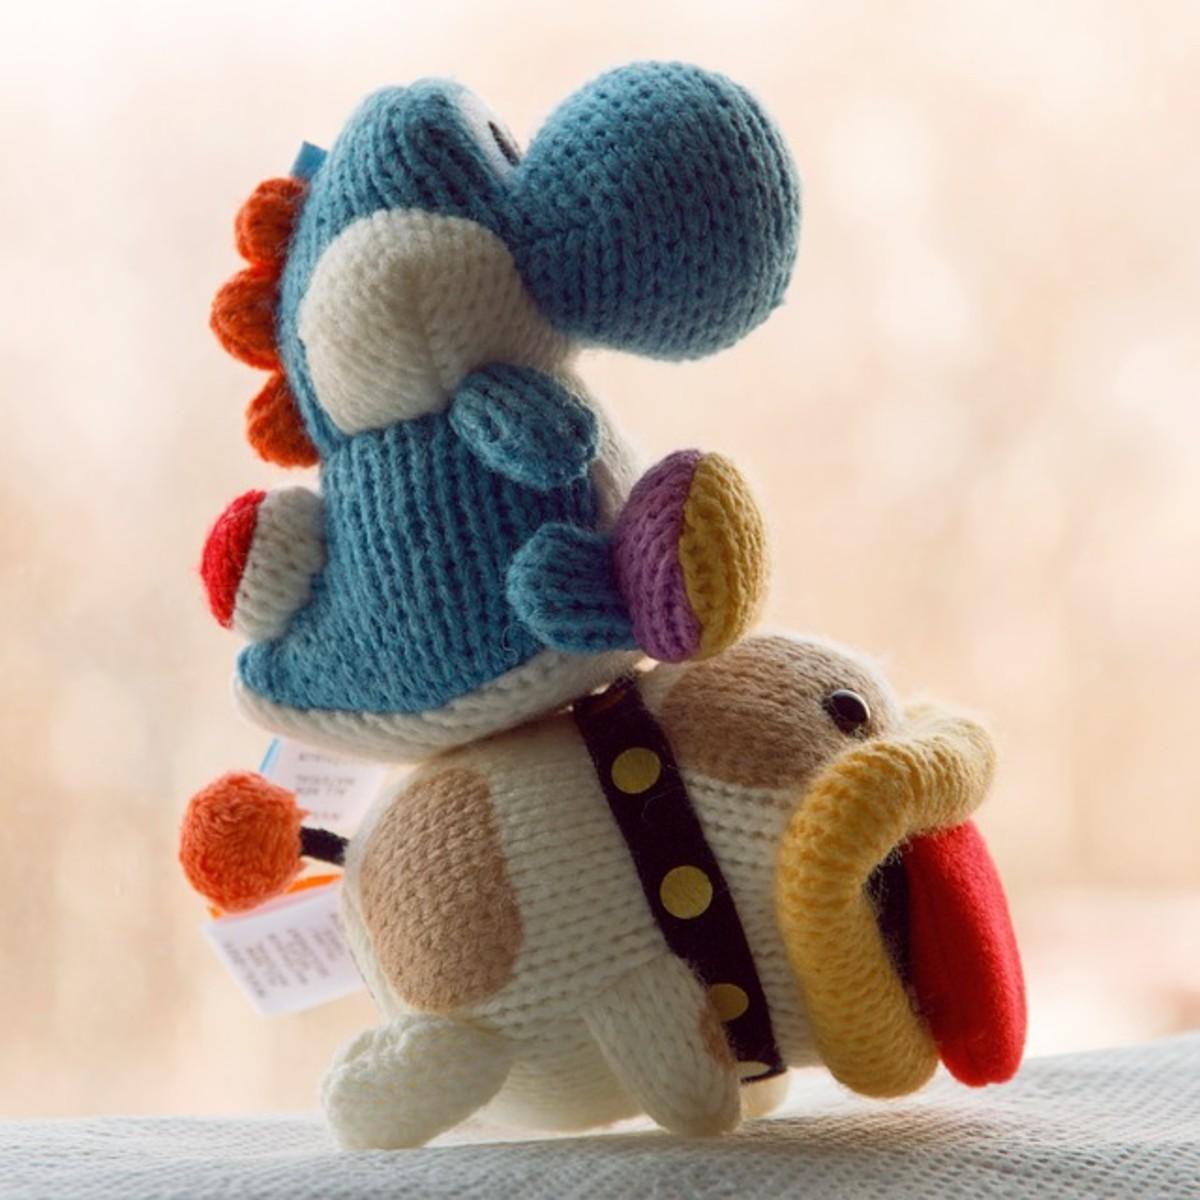 Yoshi riding Poochy